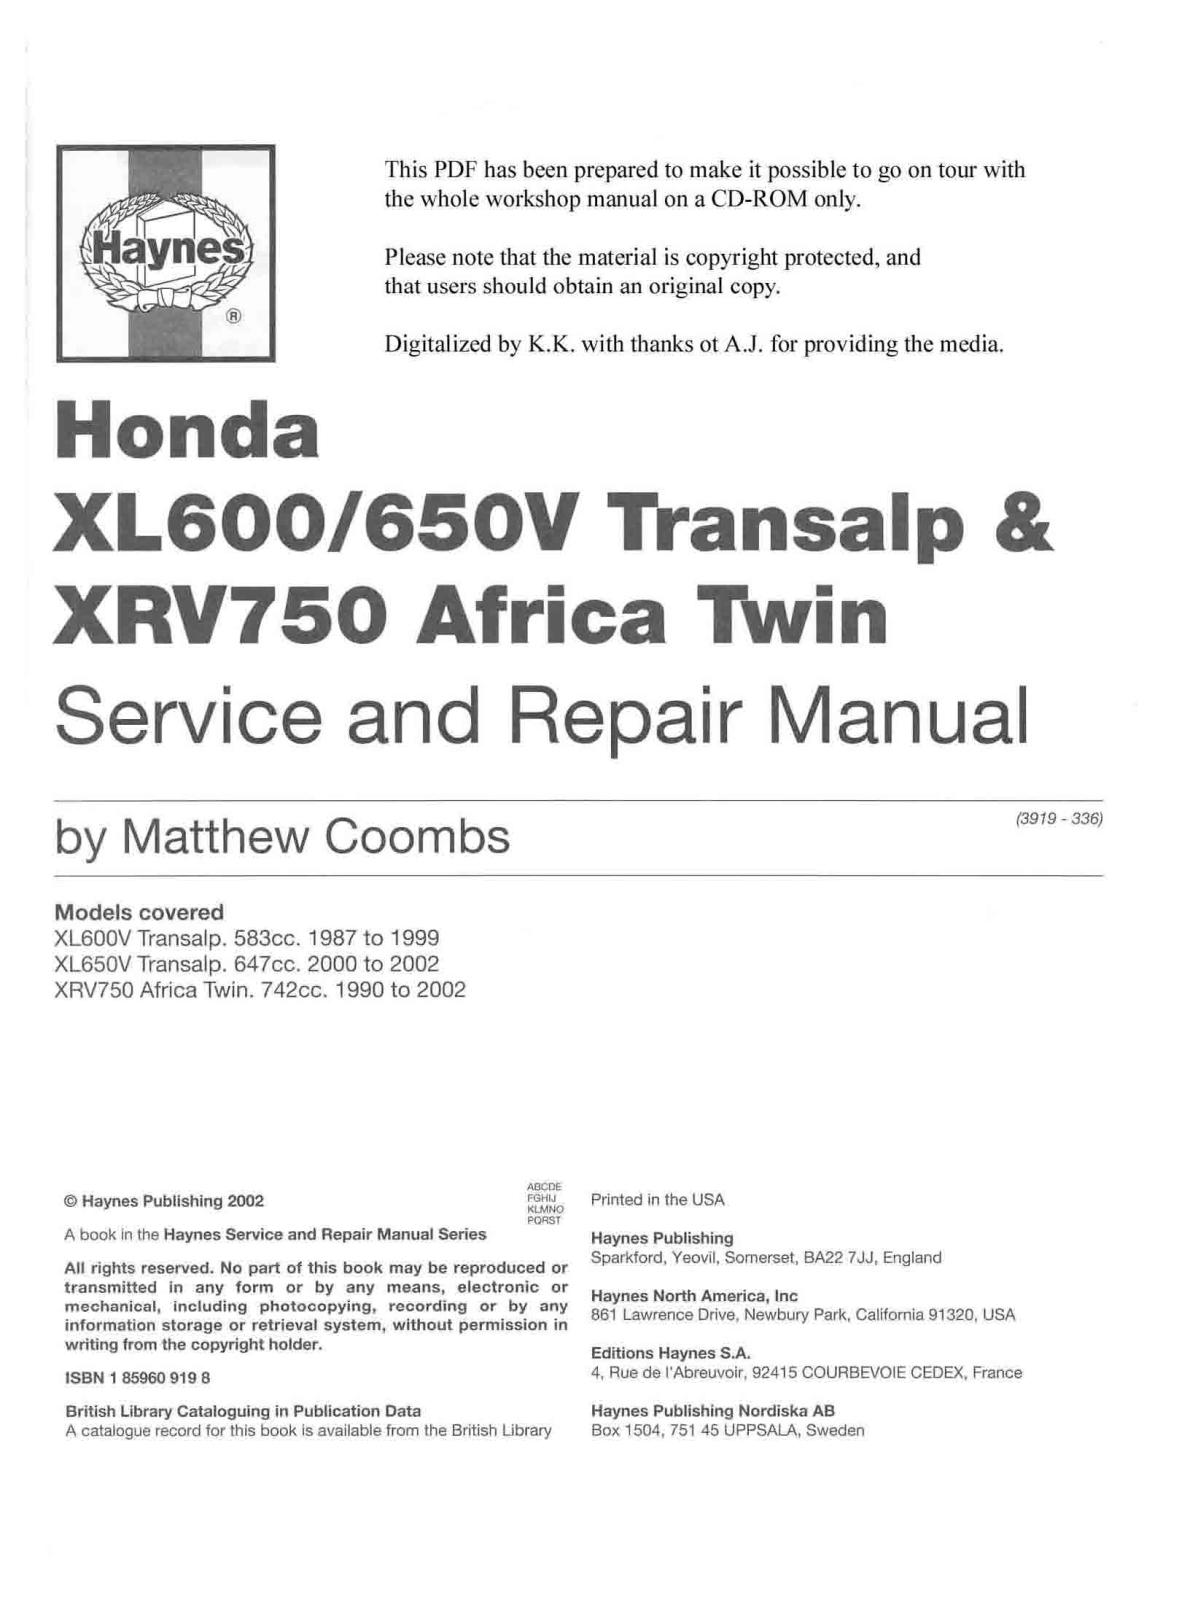 Honda Xrv650 Xrv750 Transalp Xrv 750 Africa Twin Xl 600 650 V Transalp 87 02 Africa Twin Xrv750 1987 2002 Transalp Xl600 650v 1987 2002 Service Manual